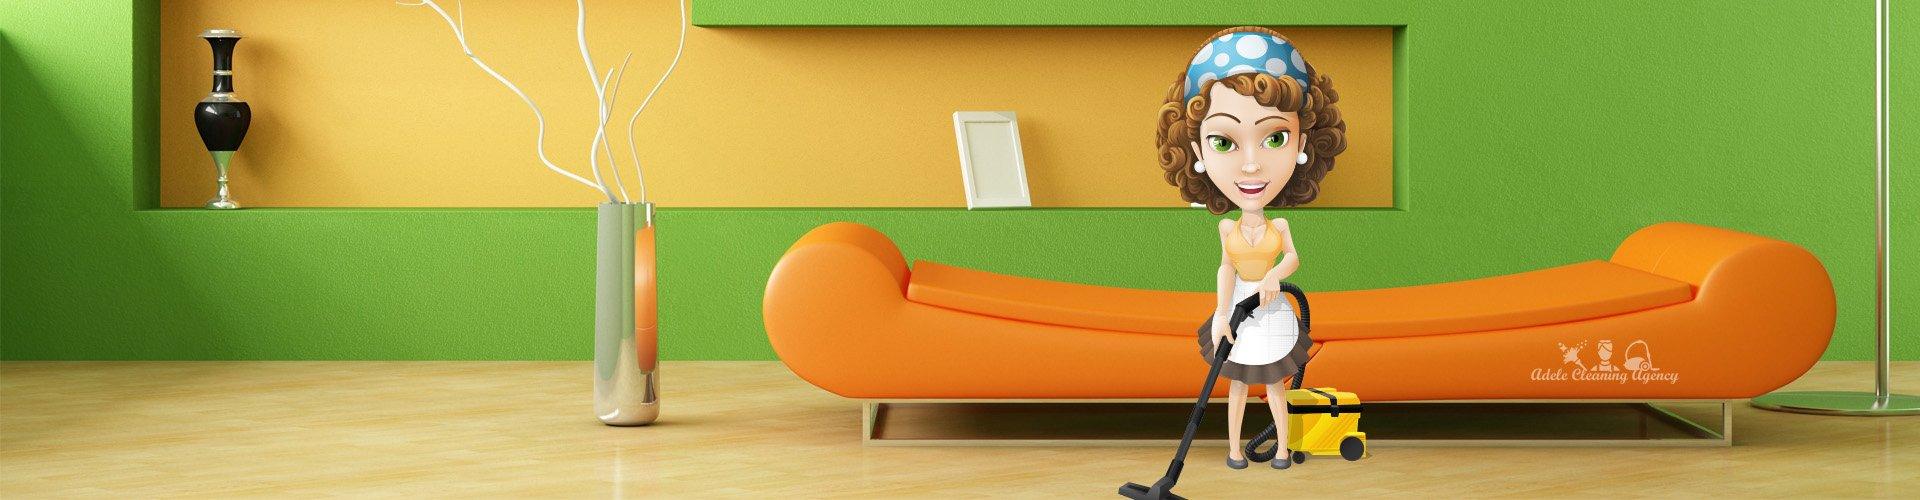 spring cleaning service edinburgh. Black Bedroom Furniture Sets. Home Design Ideas